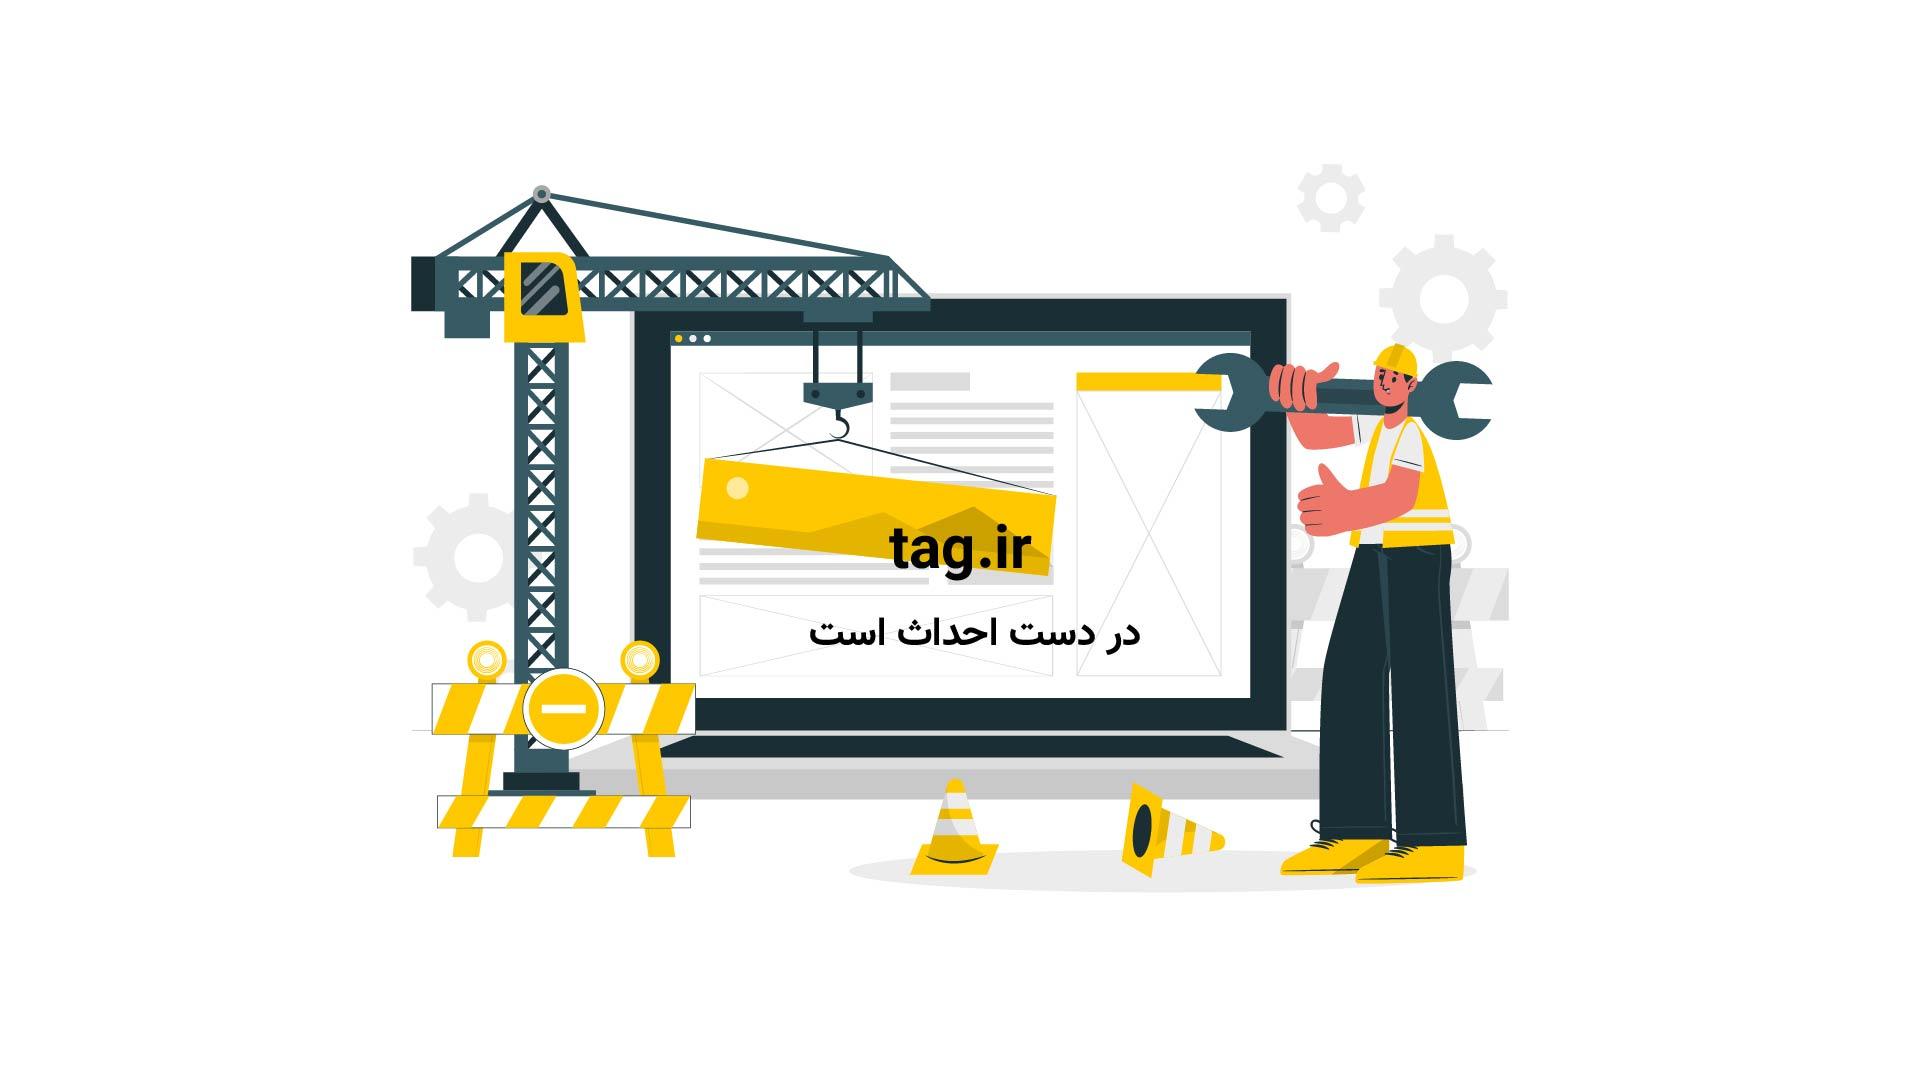 سخنرانیهای تد؛ الهام بخشی سری اعداد فیبوناچی   فیلم